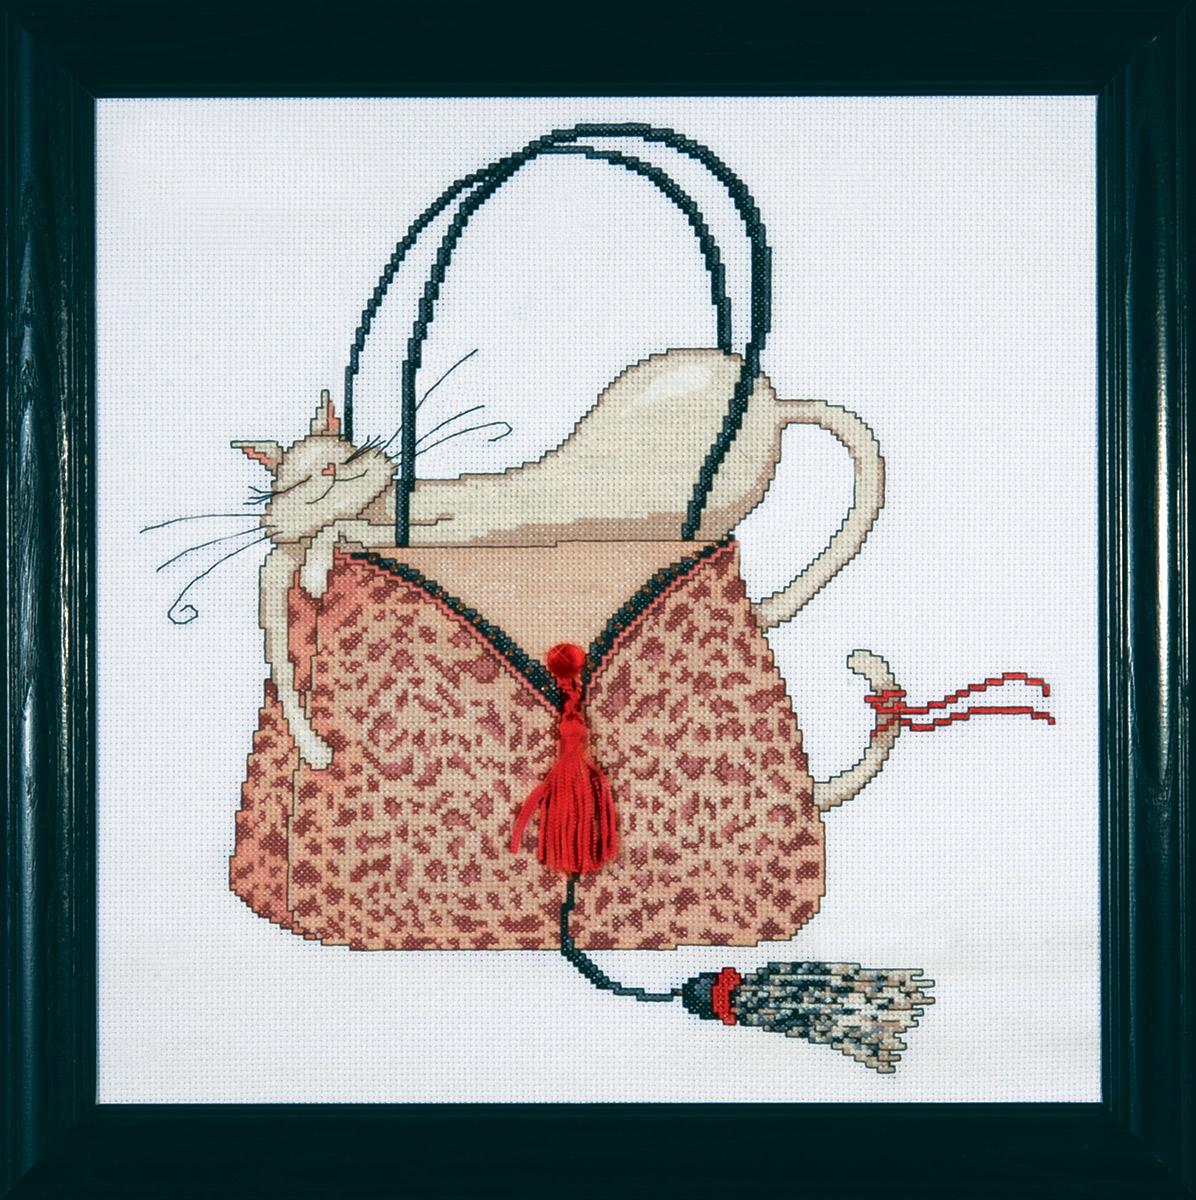 Набор для вышивания крестом Design Works Кошка на леопардовой сумочке, 30 х 30 см2728Дизайнер Мерилин Робертсон ( Leopard Purse , Marilyn Robertson). В набор входят стразы и кисточка.